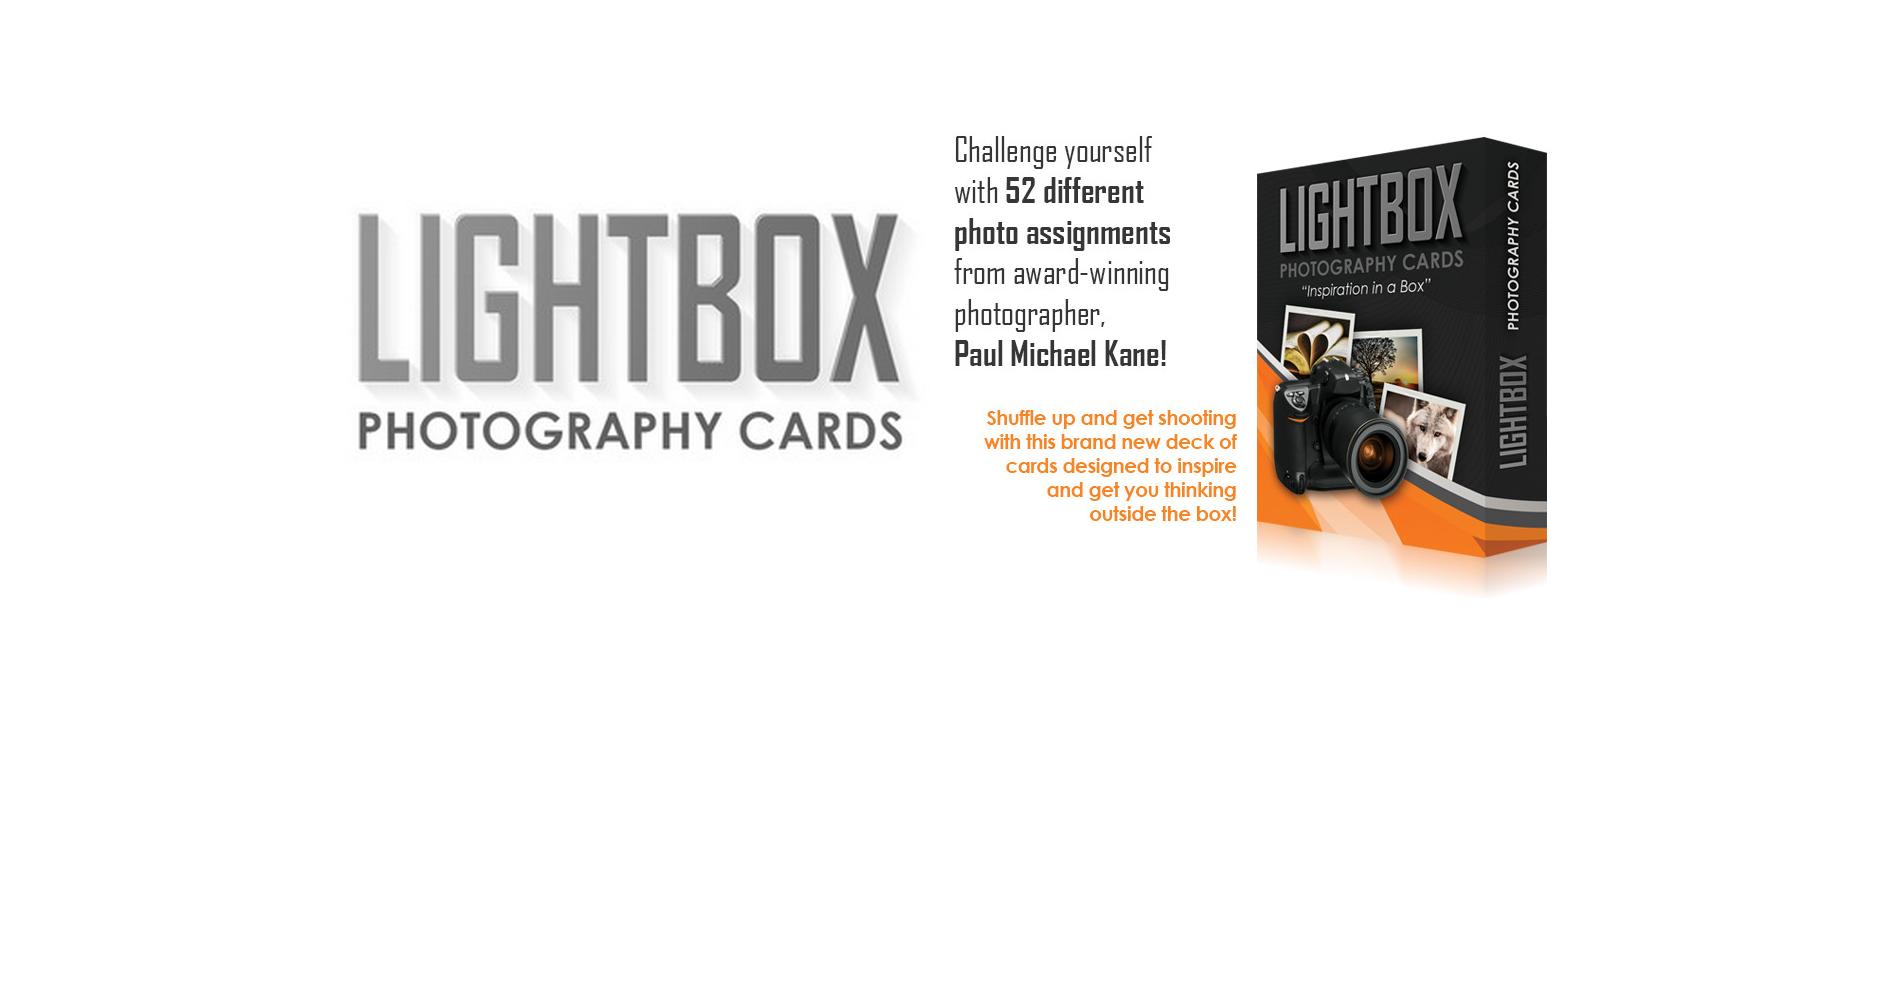 lightbox-inner-banner-03